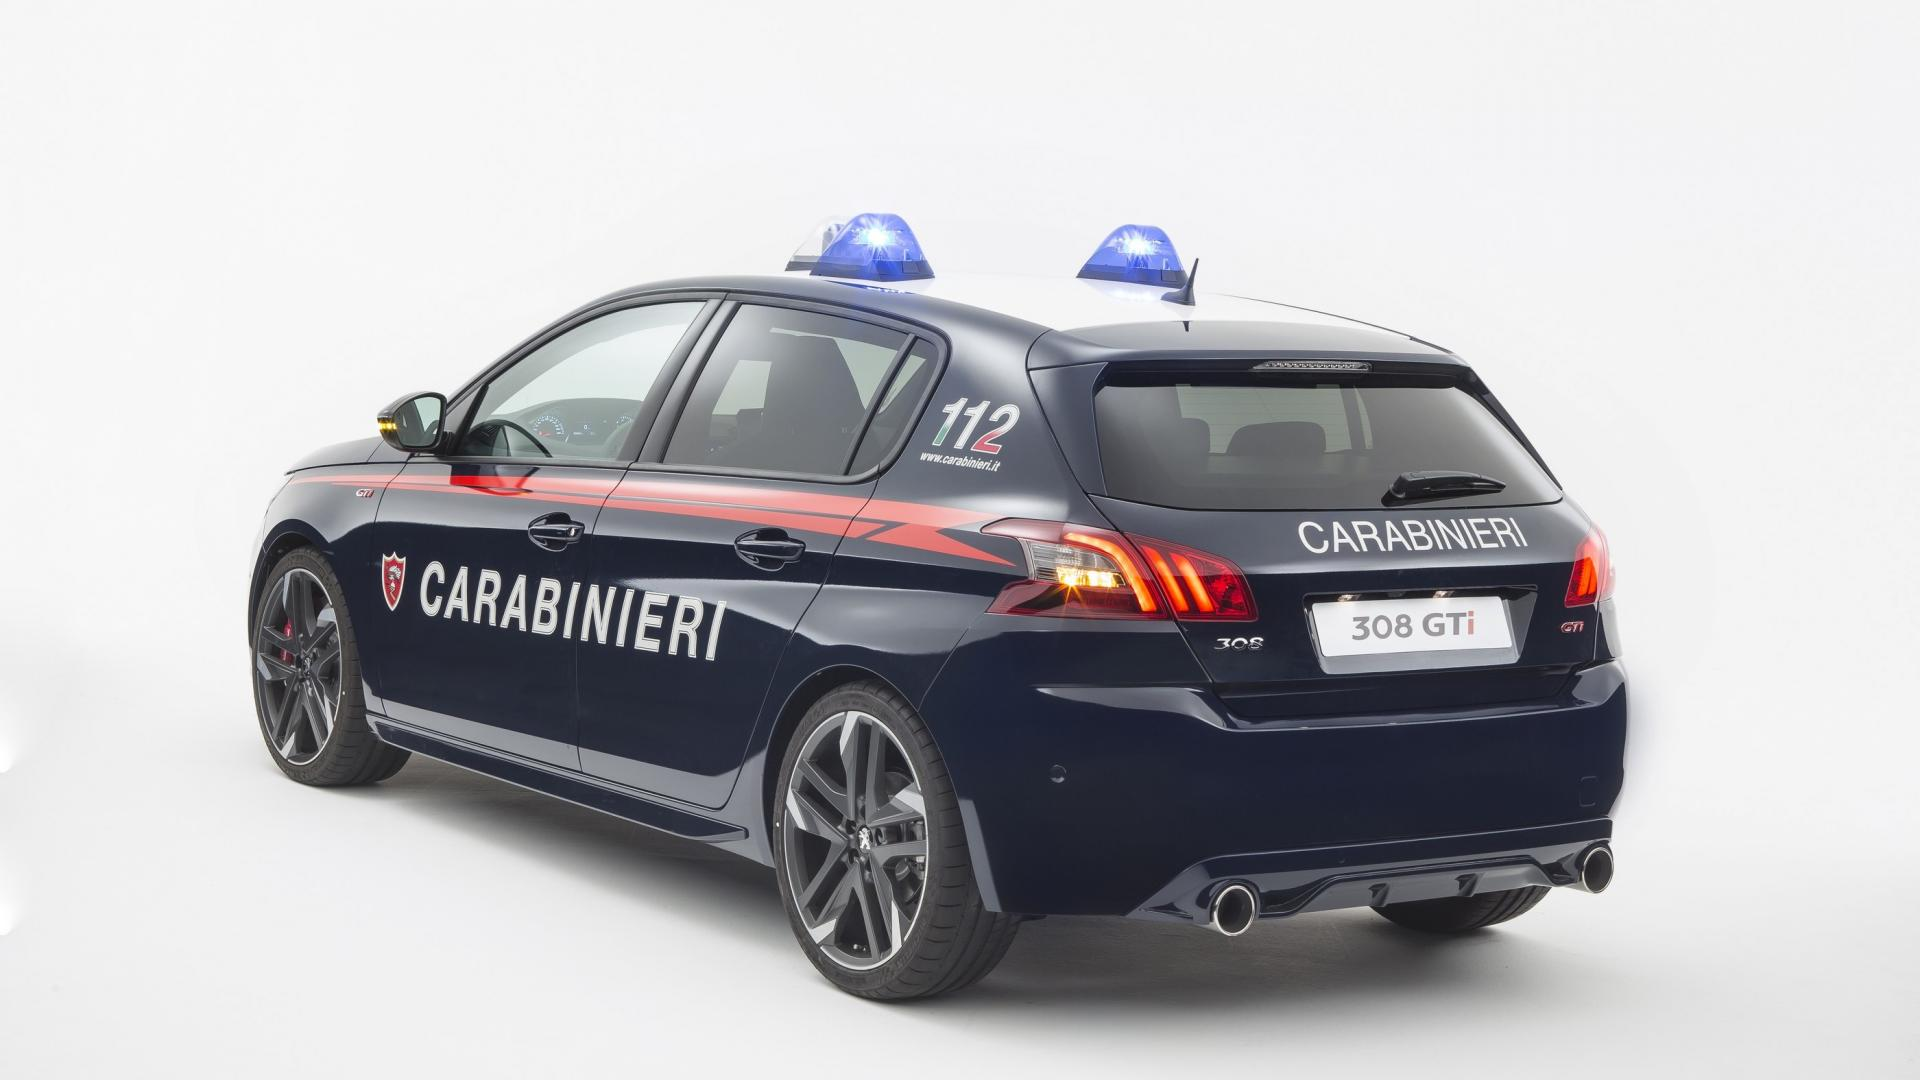 Peugeot 308 GTi Carabinieri (2)